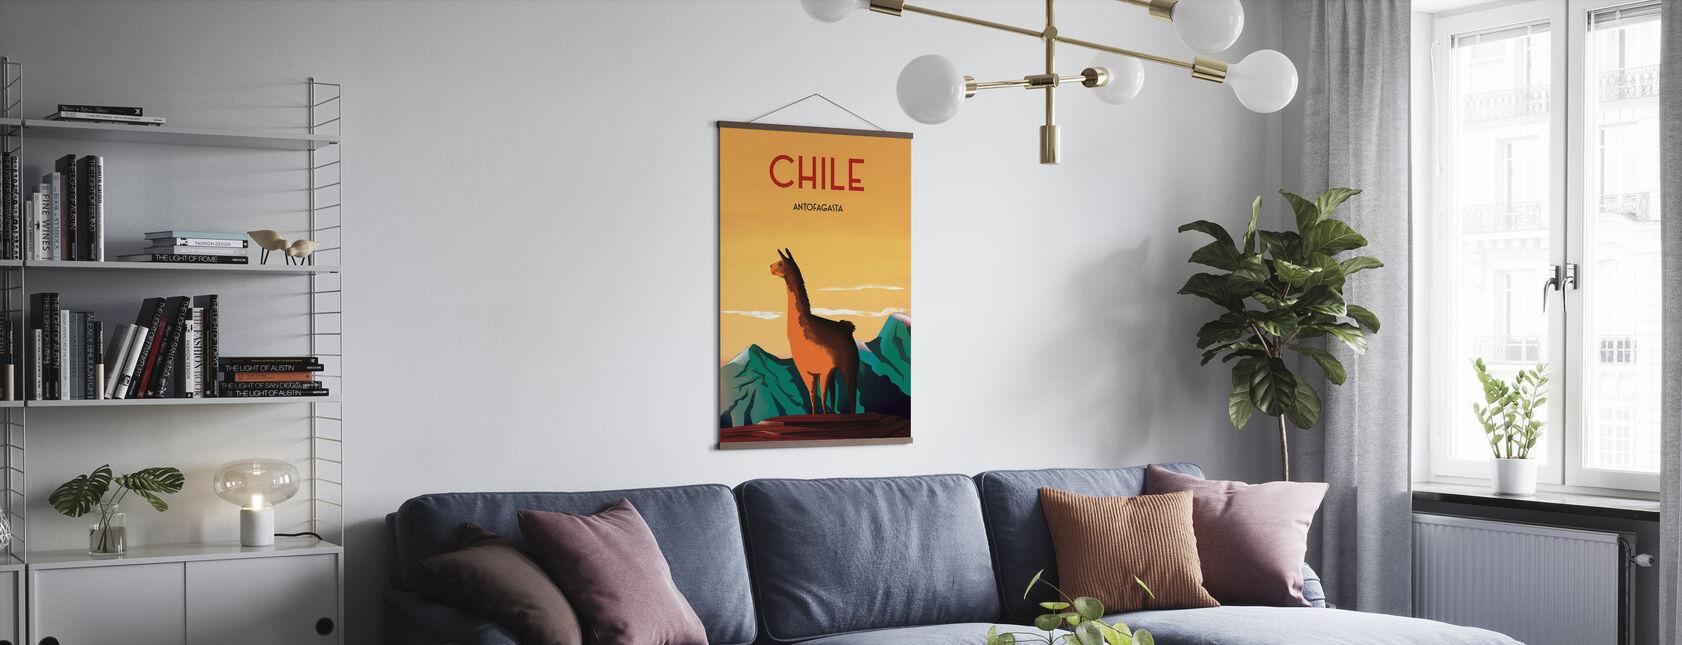 Chili - Affiche - Salle à manger